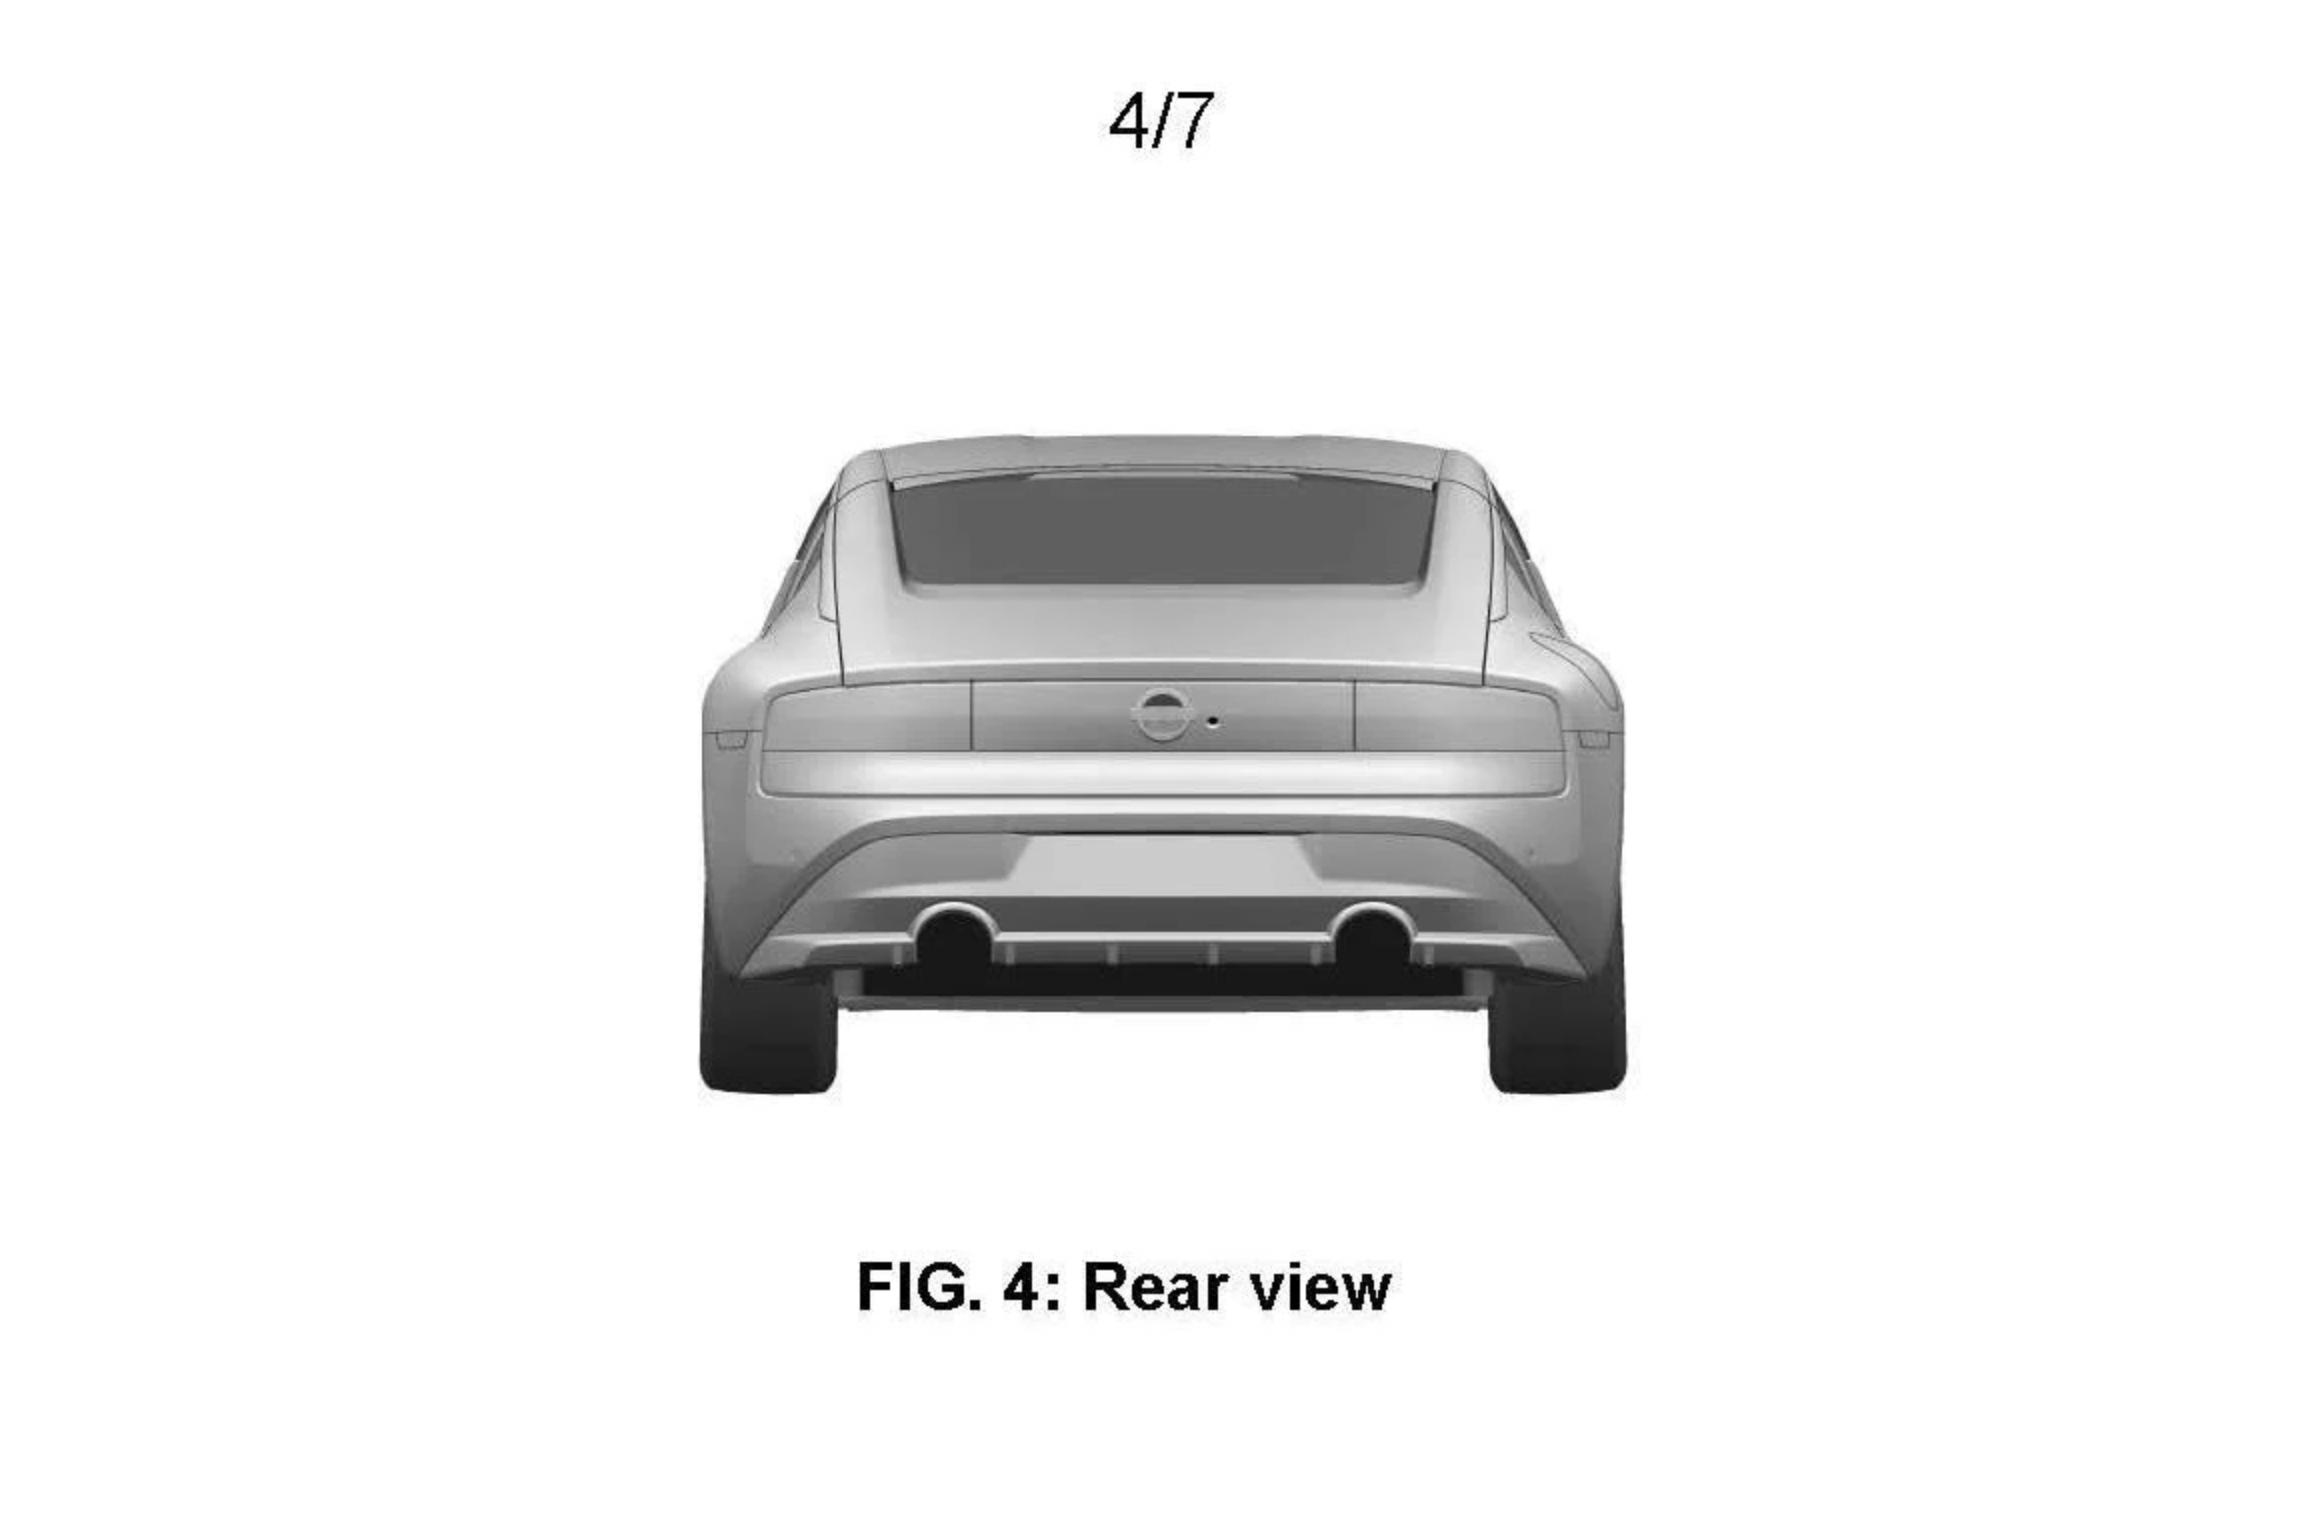 Nissan-400Z-patent-images-4